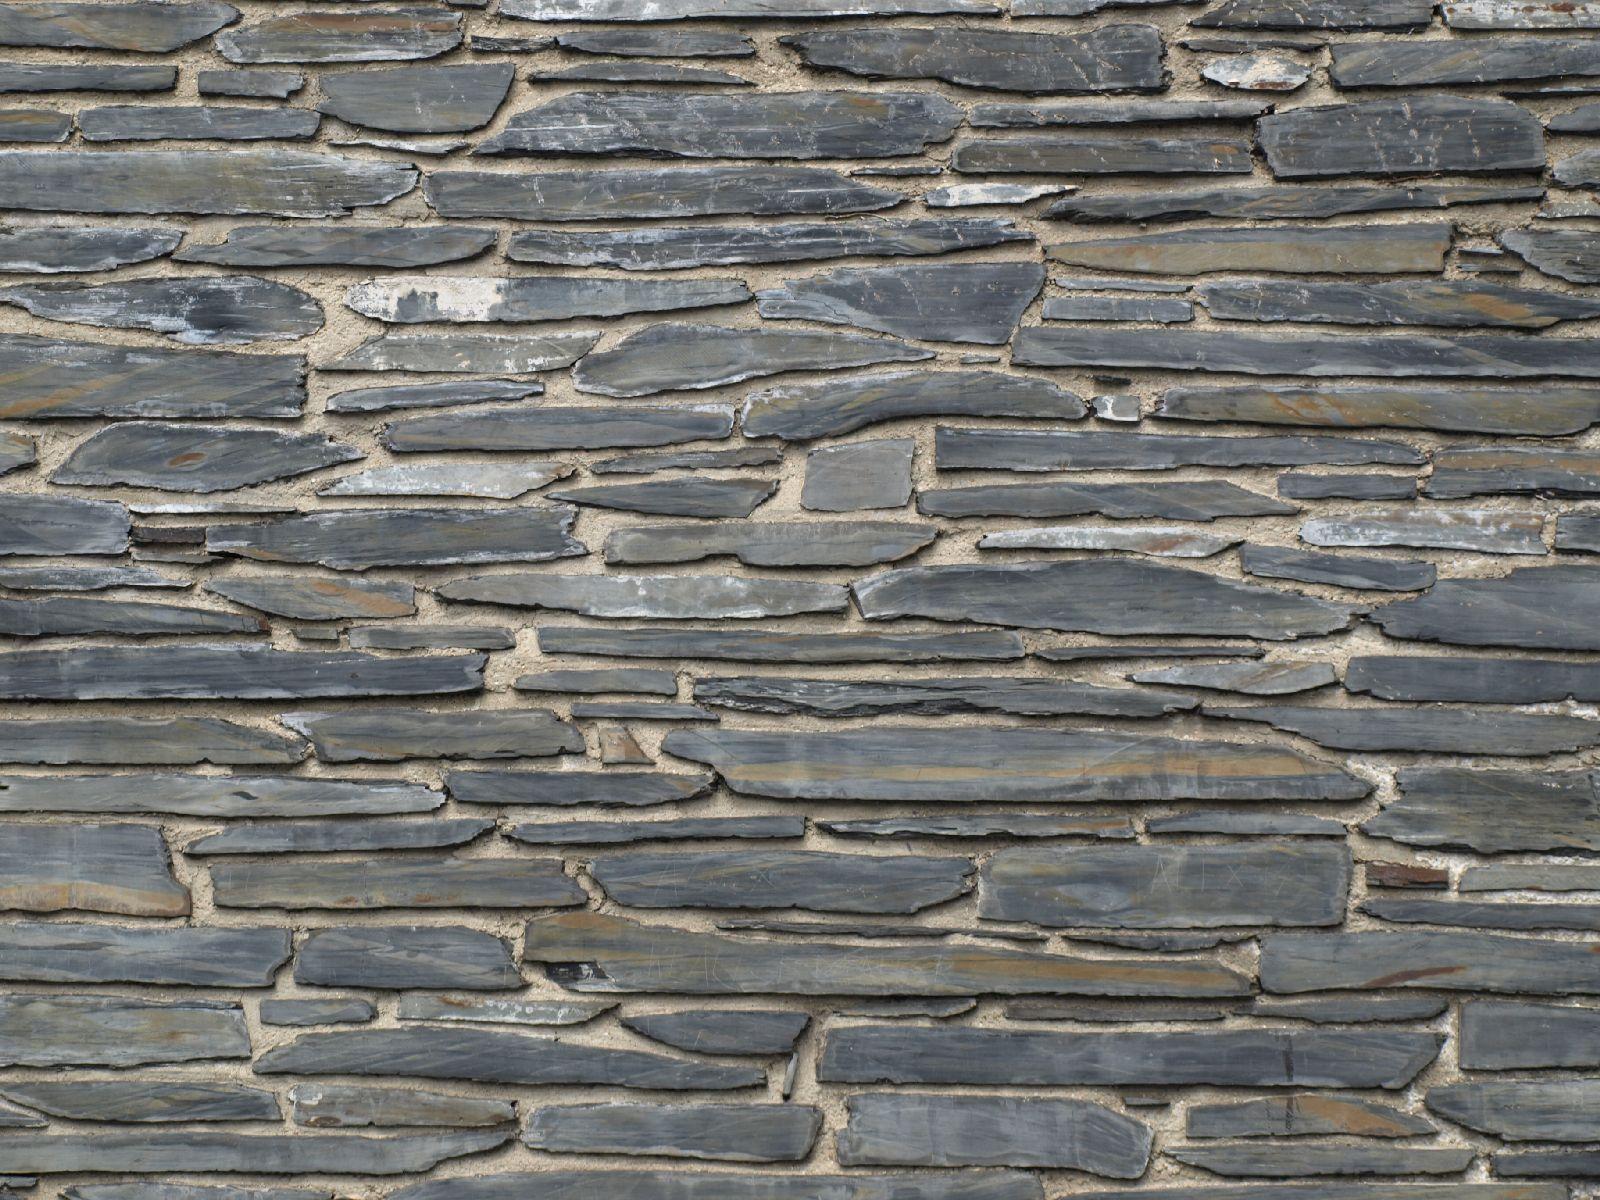 Brick_Texture_A_P6036182